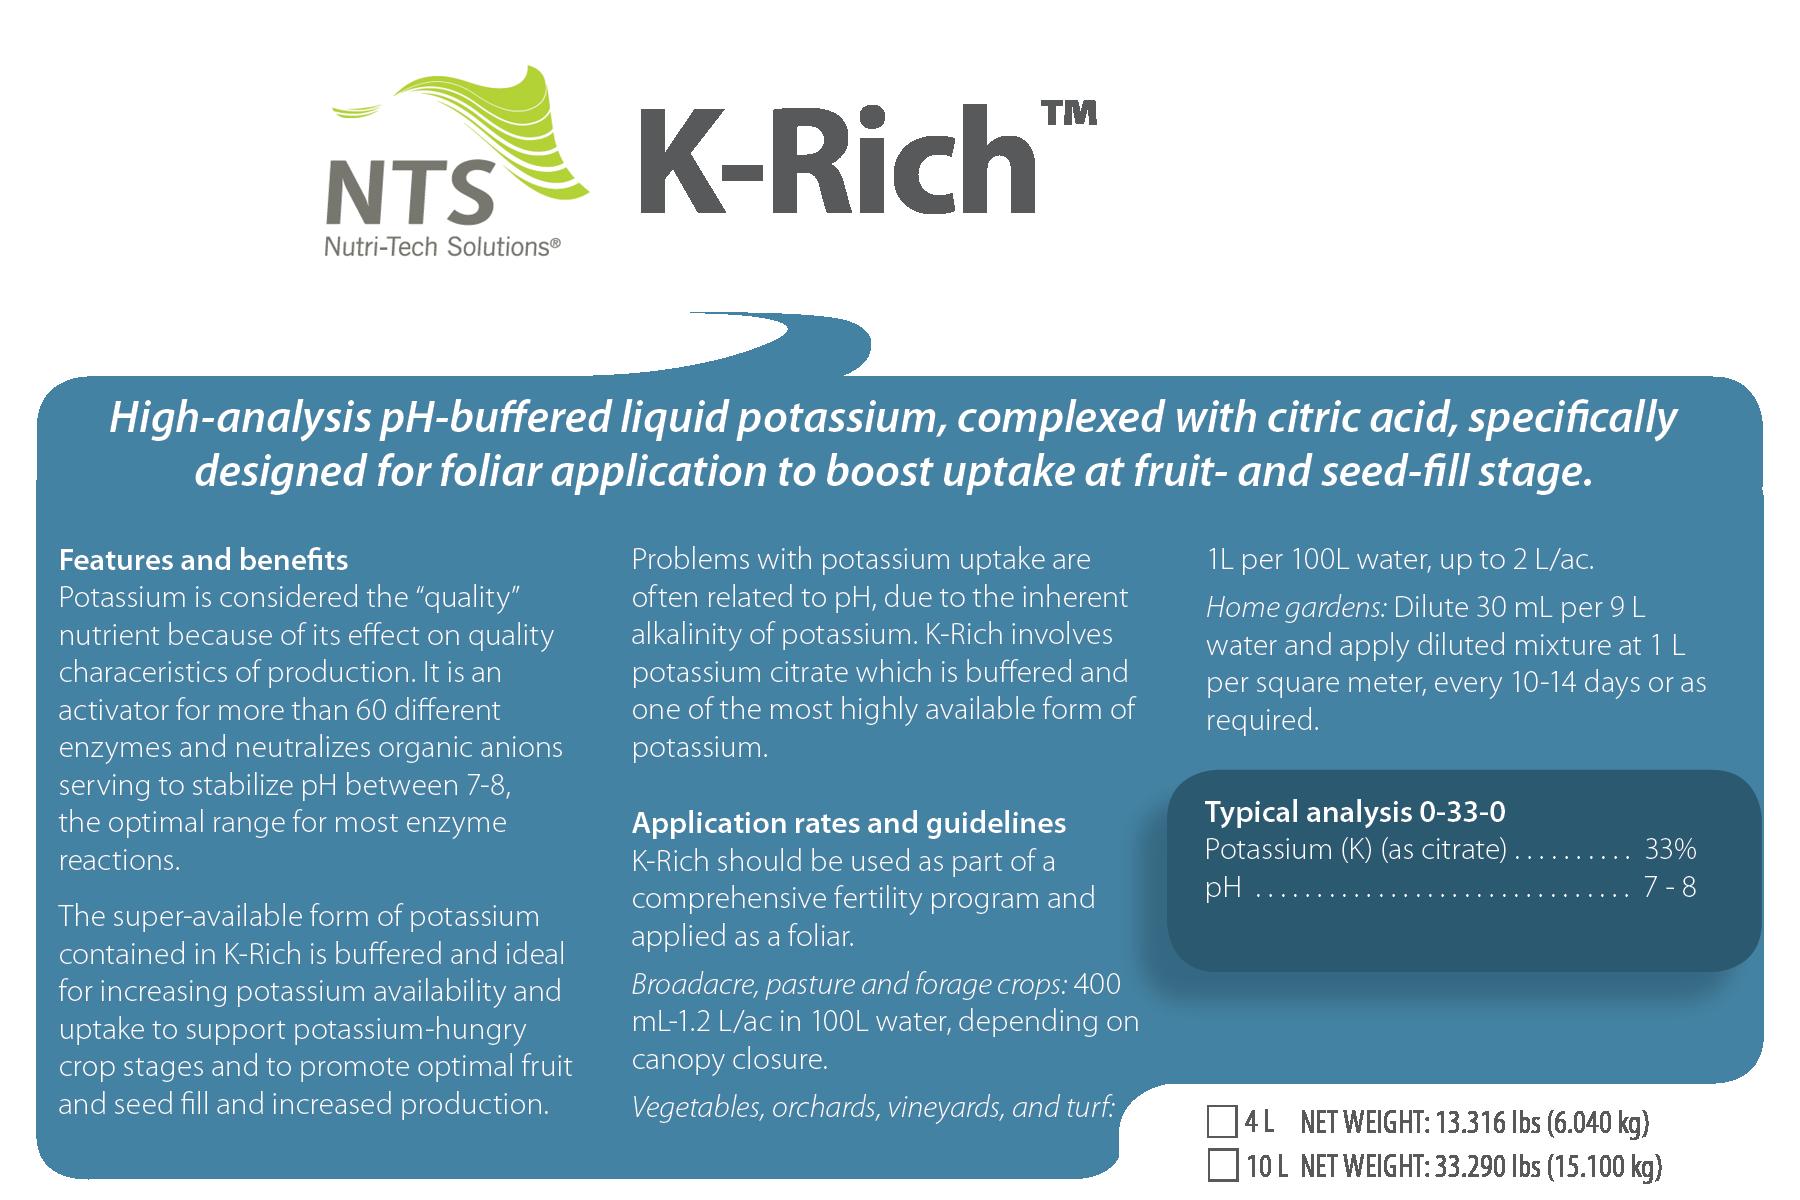 NTS K-Rich